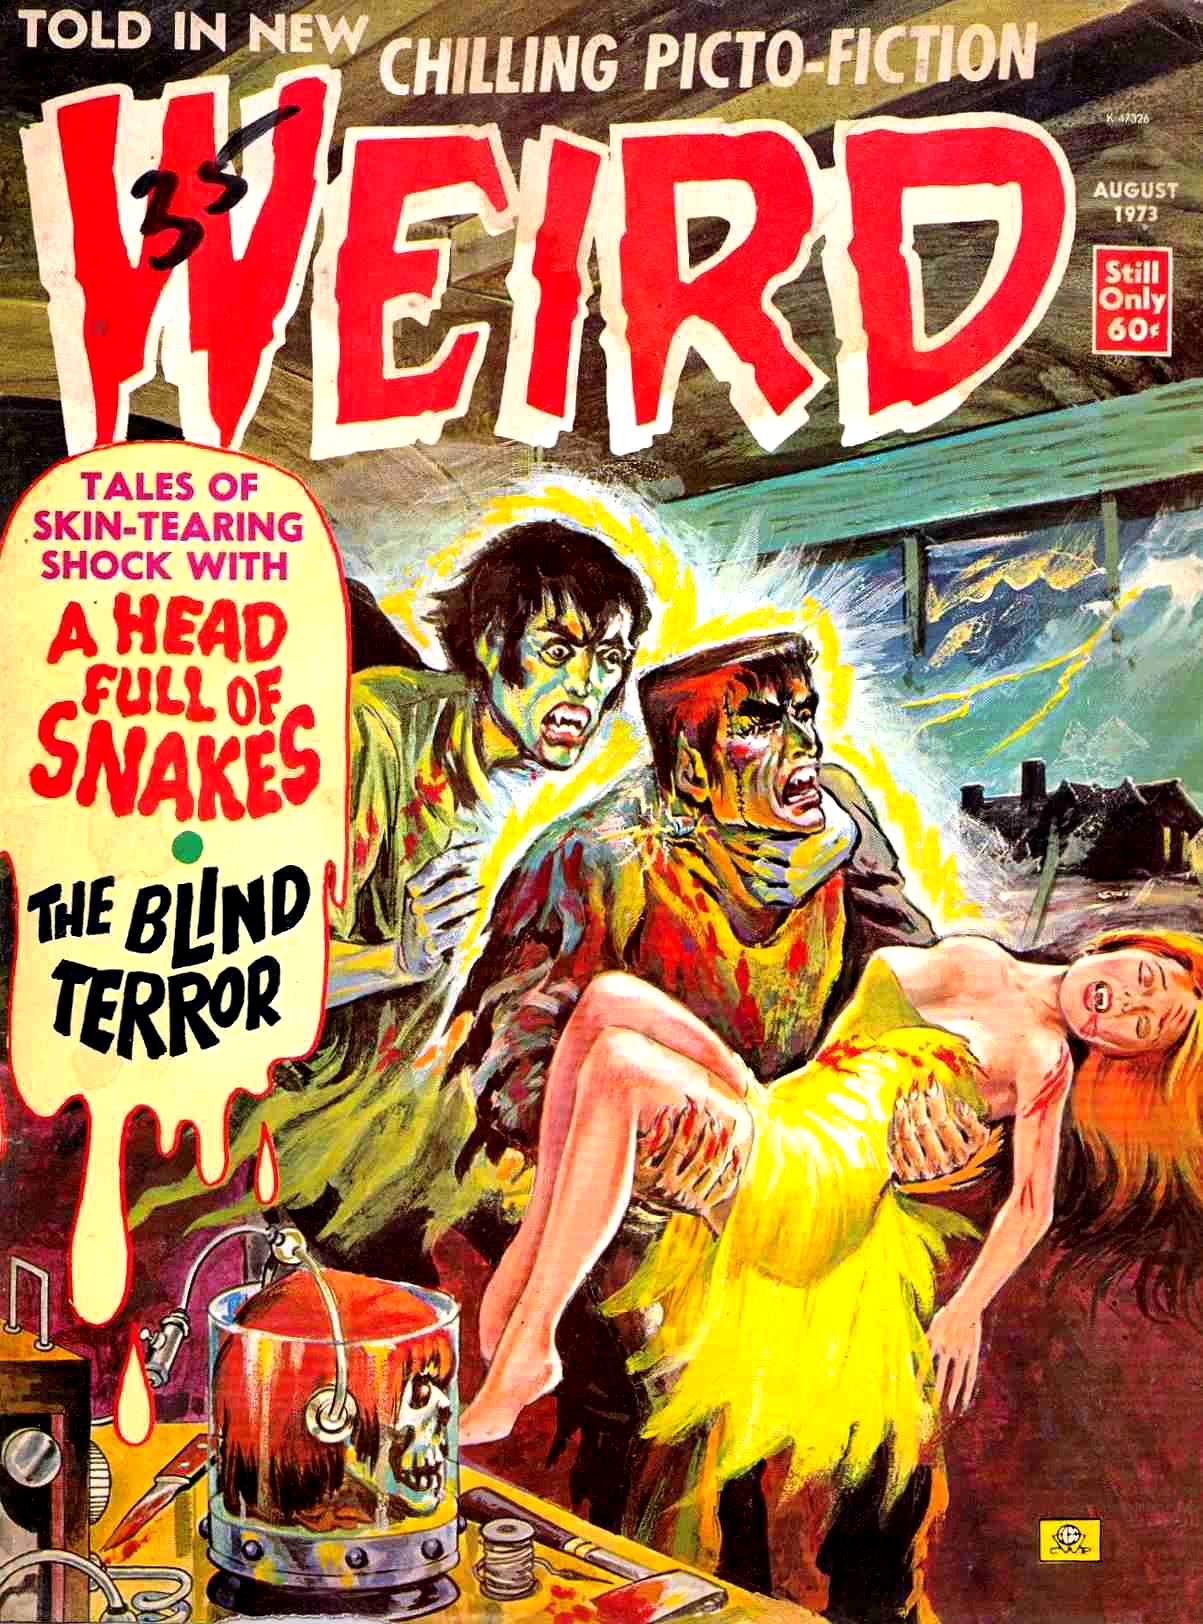 Weird Vol. 07 #5 (Eerie Publications, 1973)